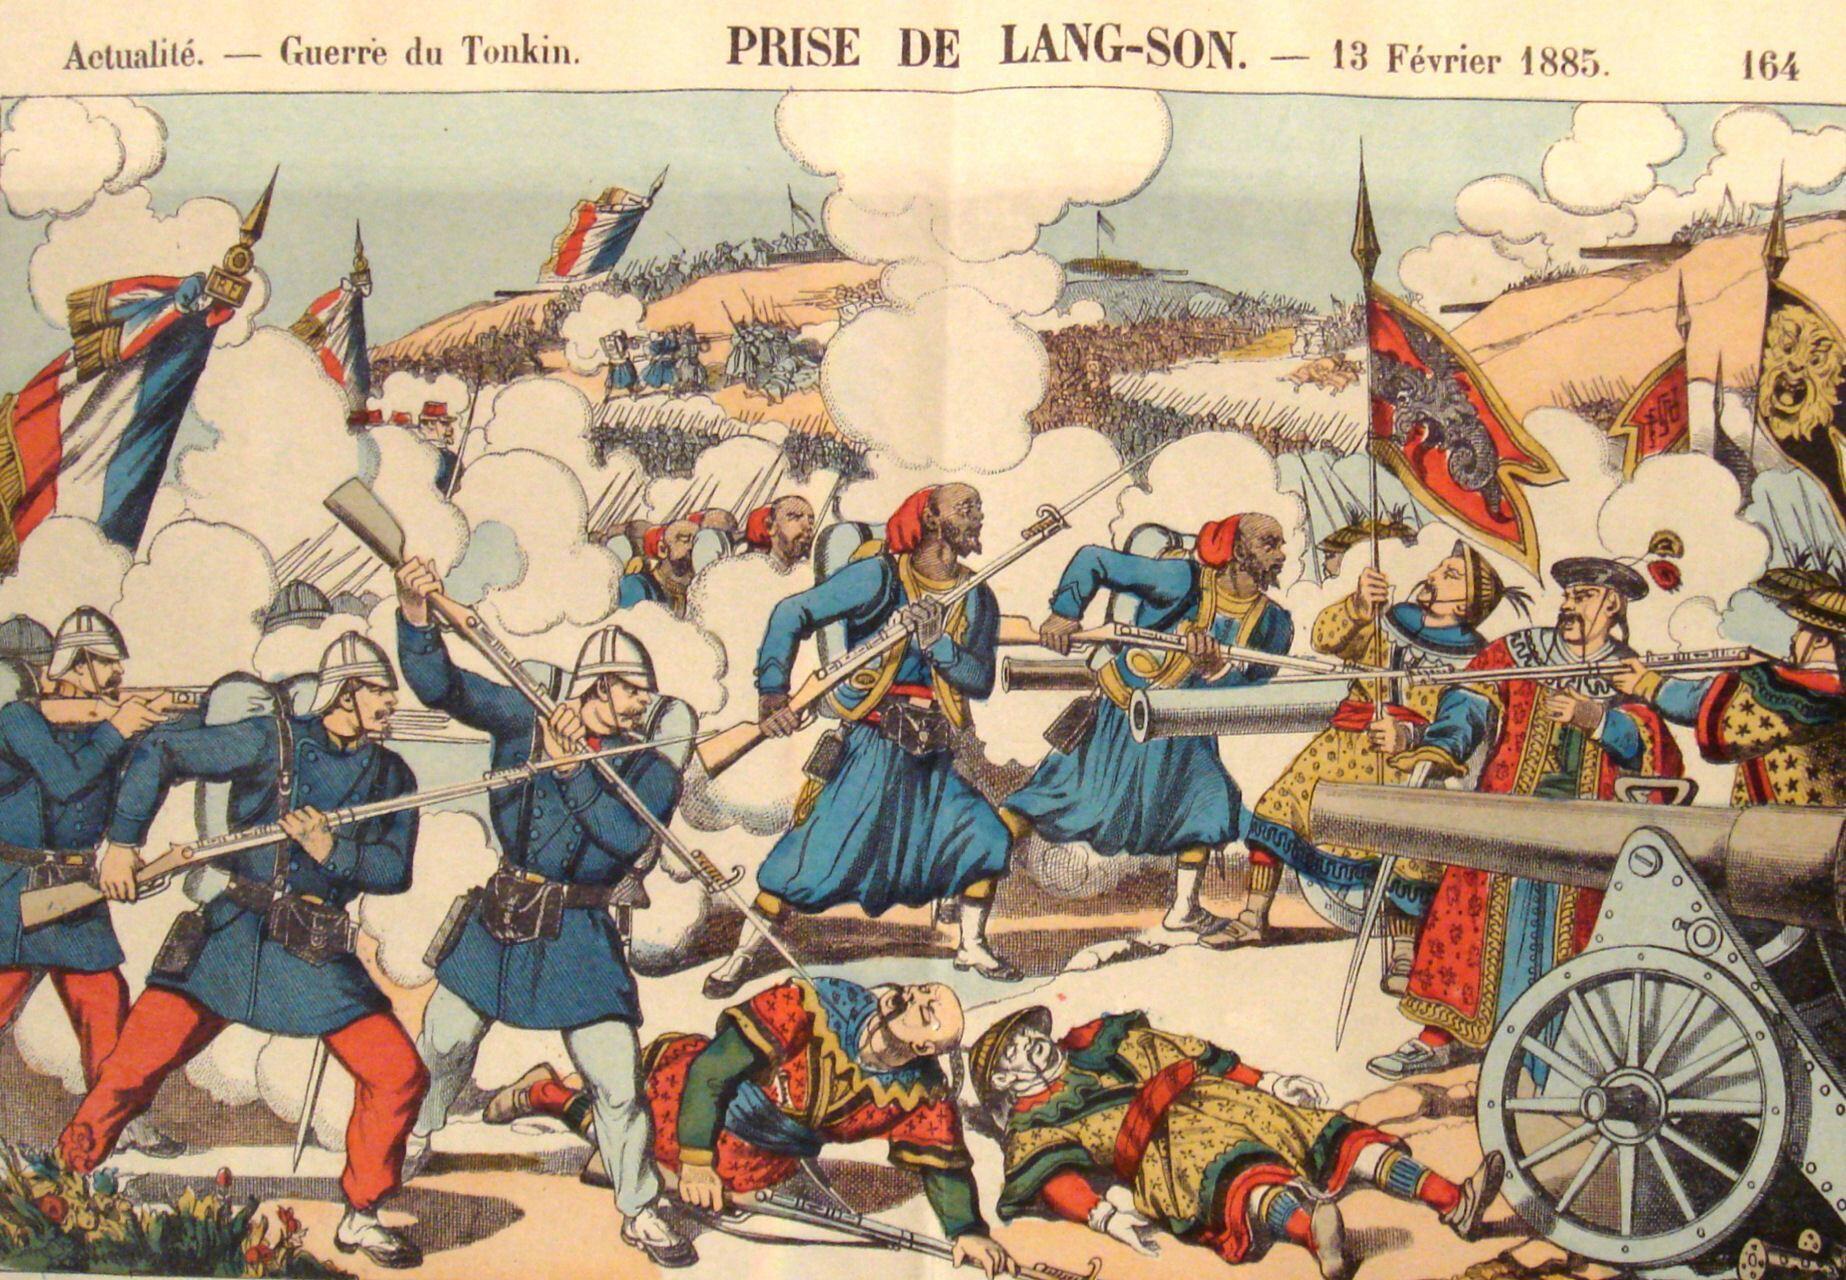 Quân đội Pháp chiếm Lạng Sơn tháng 02/1885, dưới sự chỉ huy của tướng Oscar de Négrier, trong cuộc chiến biên giới Việt-Trung.